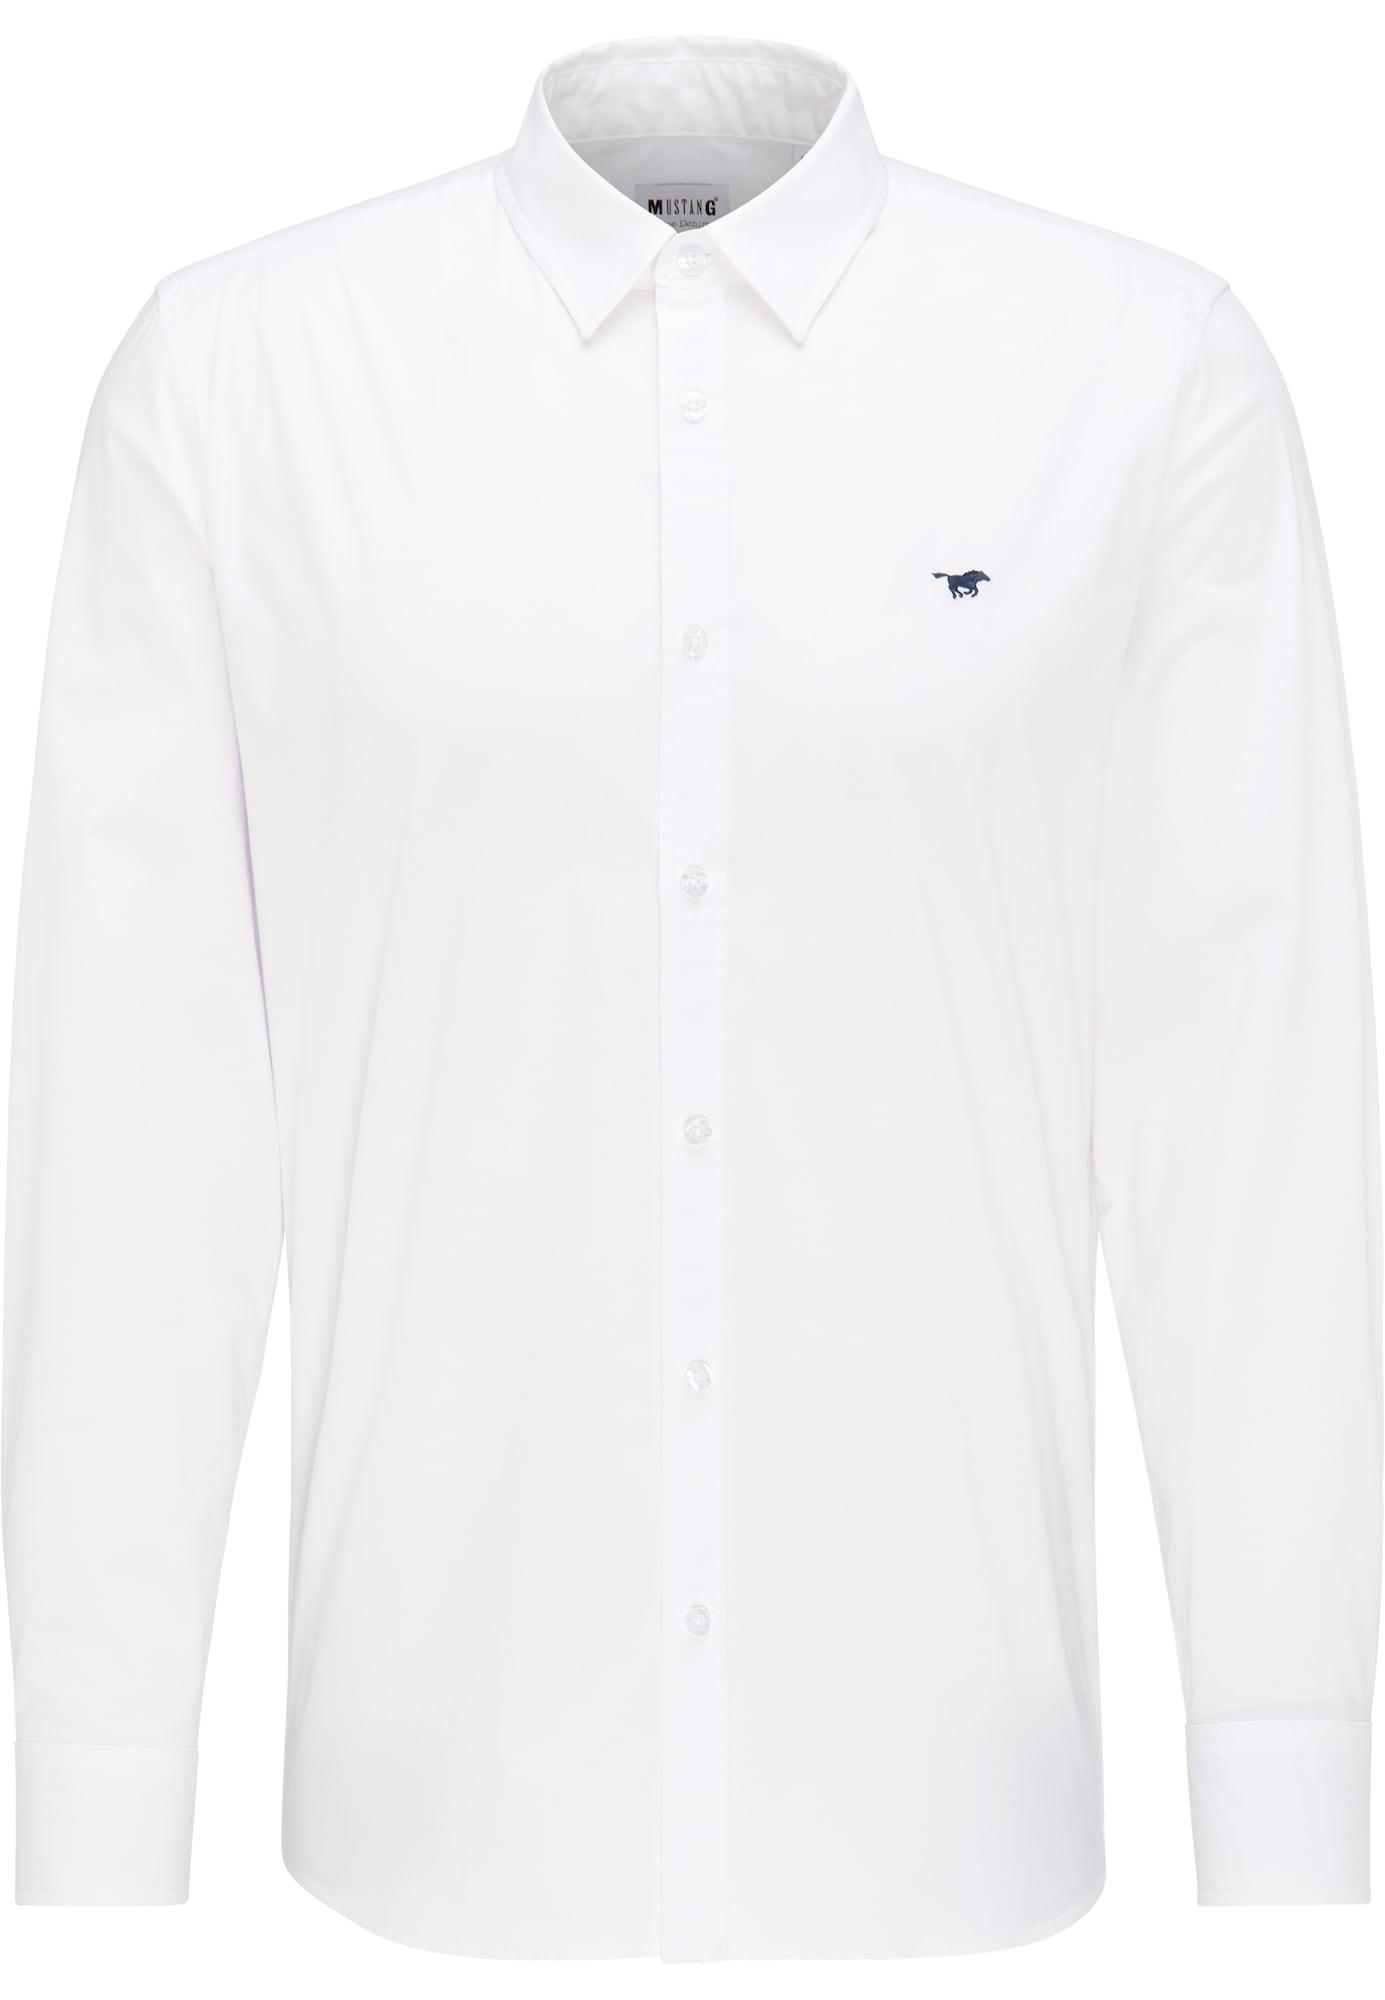 MUSTANG Marškiniai